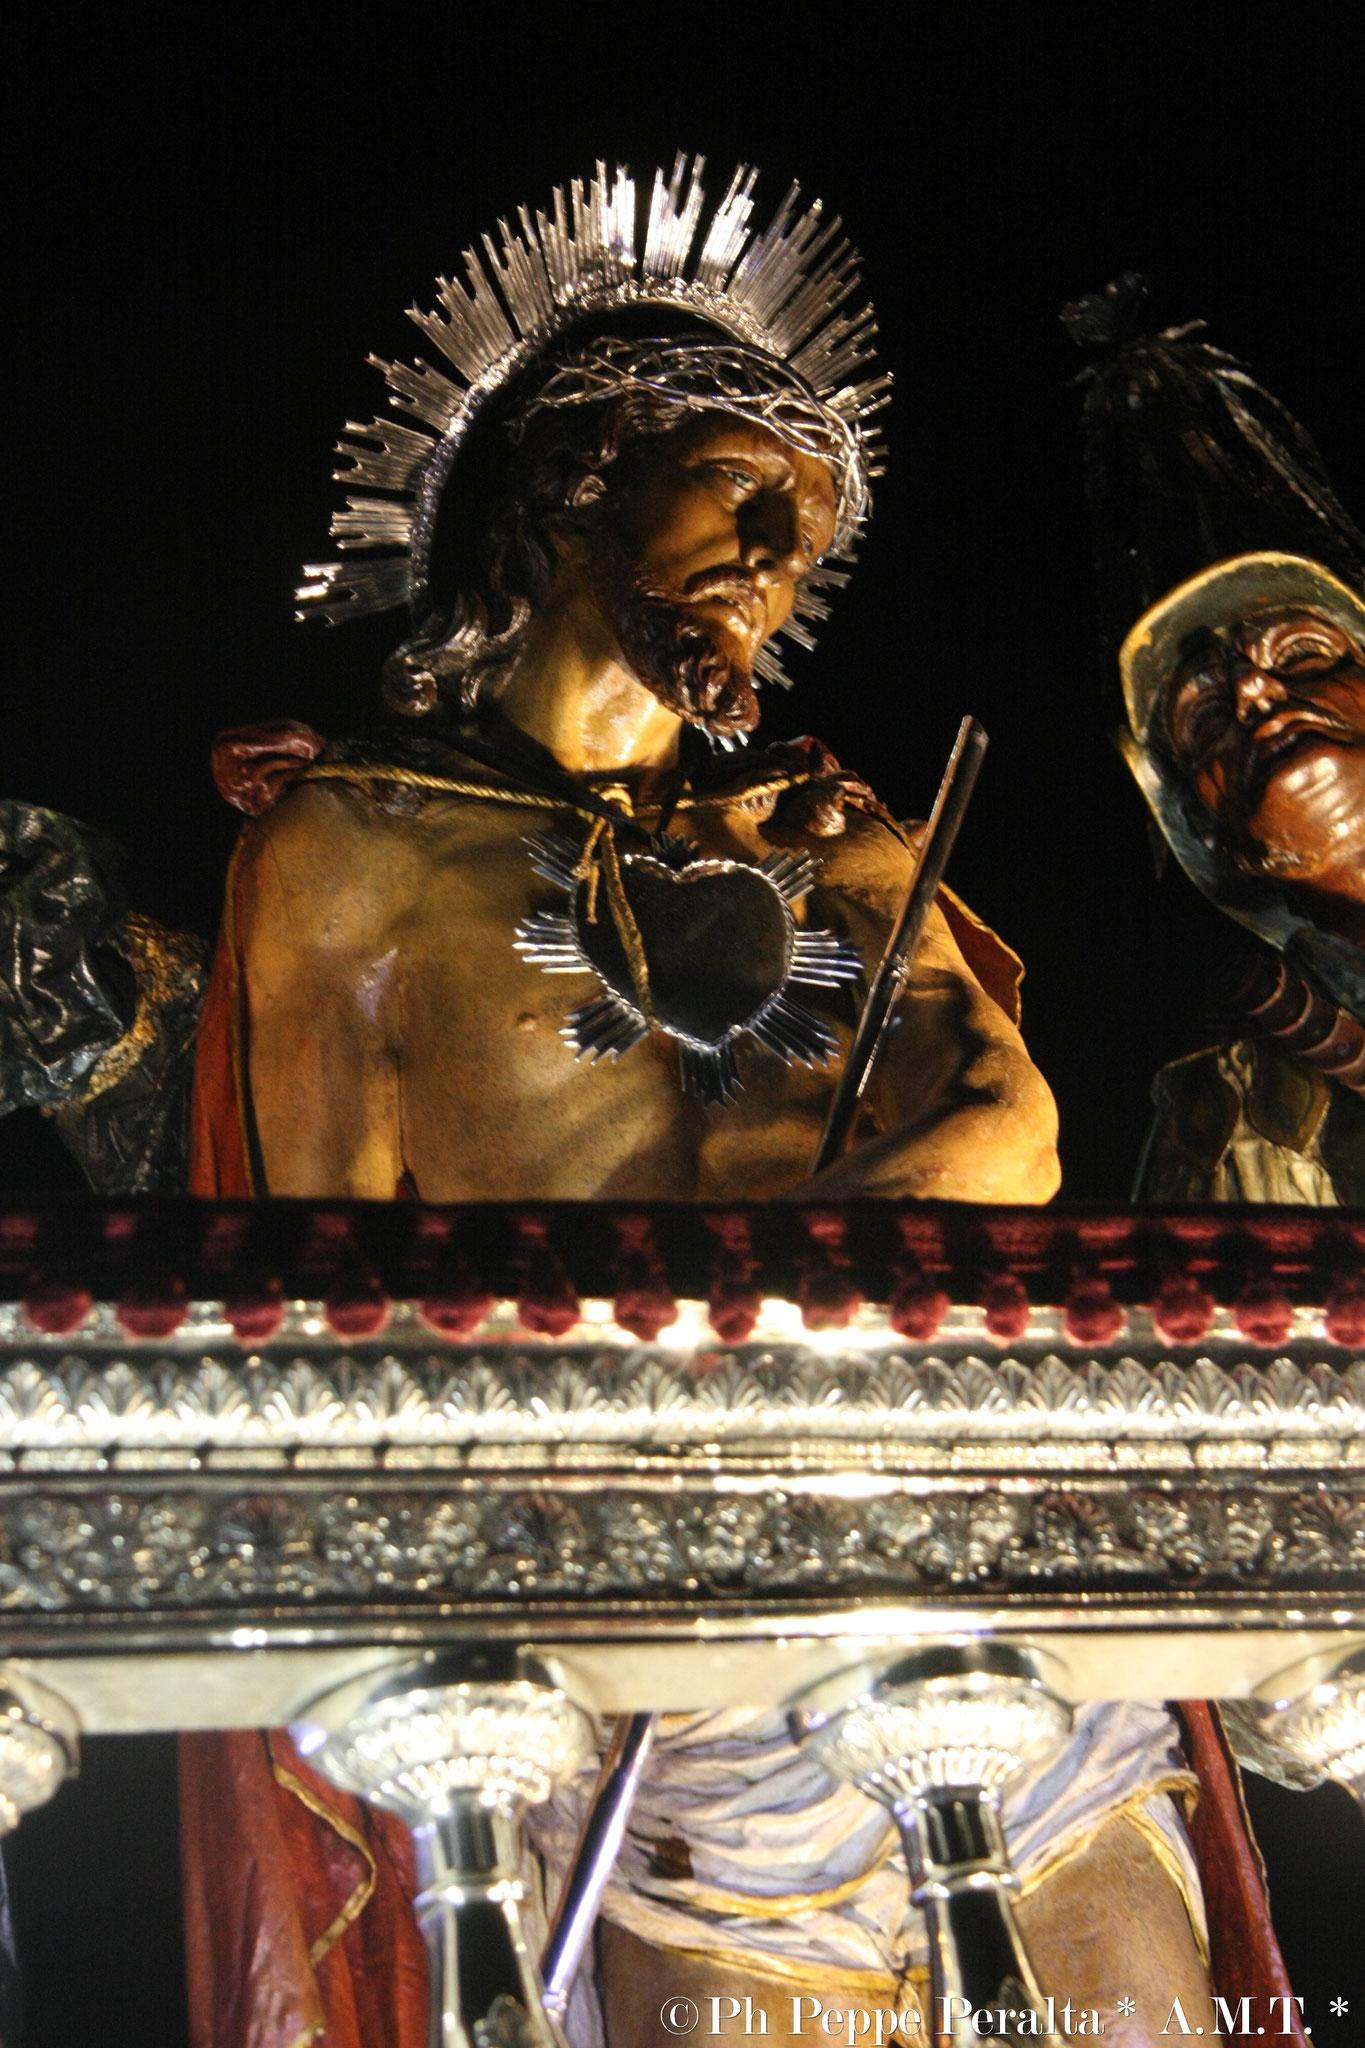 Prezioso ornamento del balcone rivestito in argento